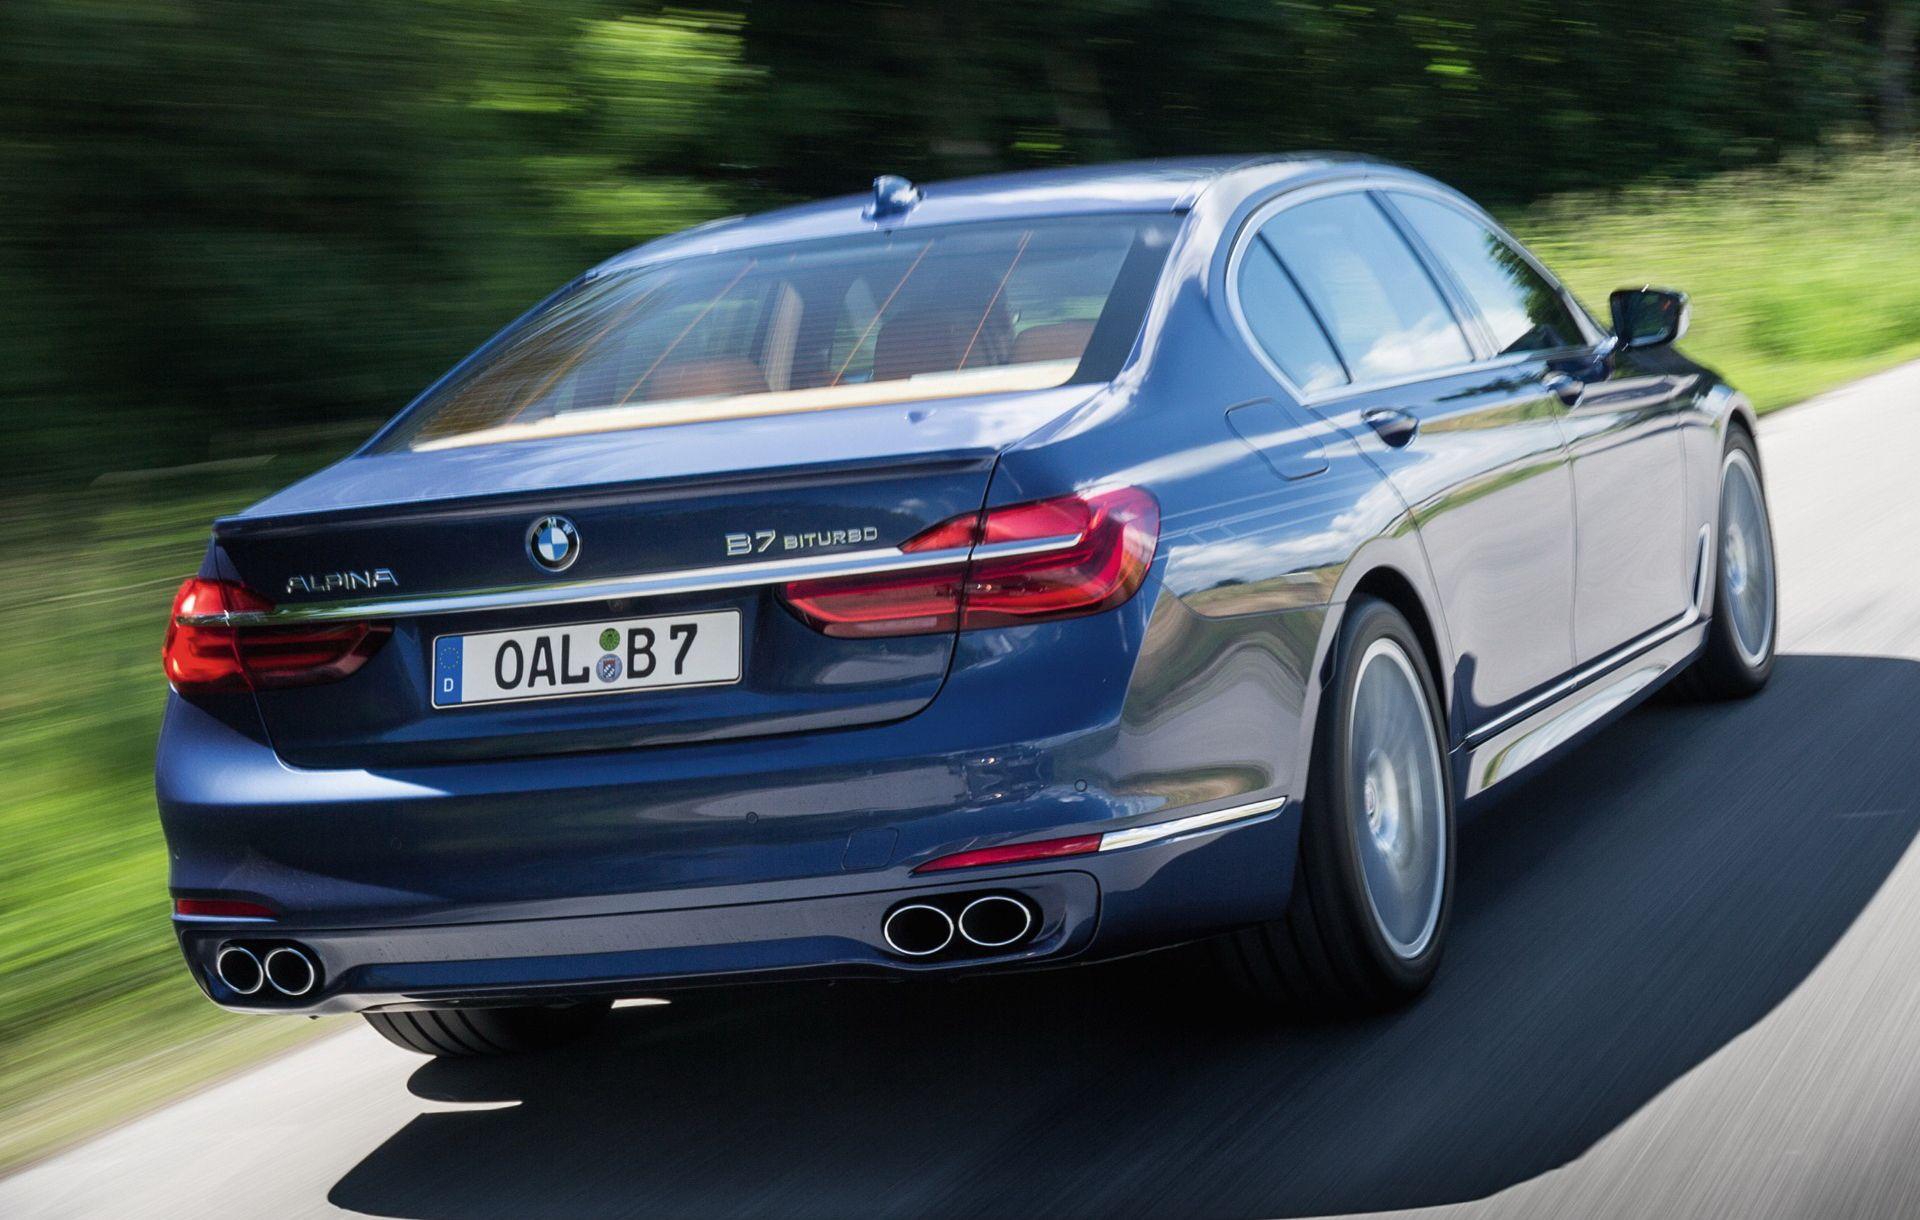 Meer foto's van de nieuwe BMW Alpina B7 BiTurbo